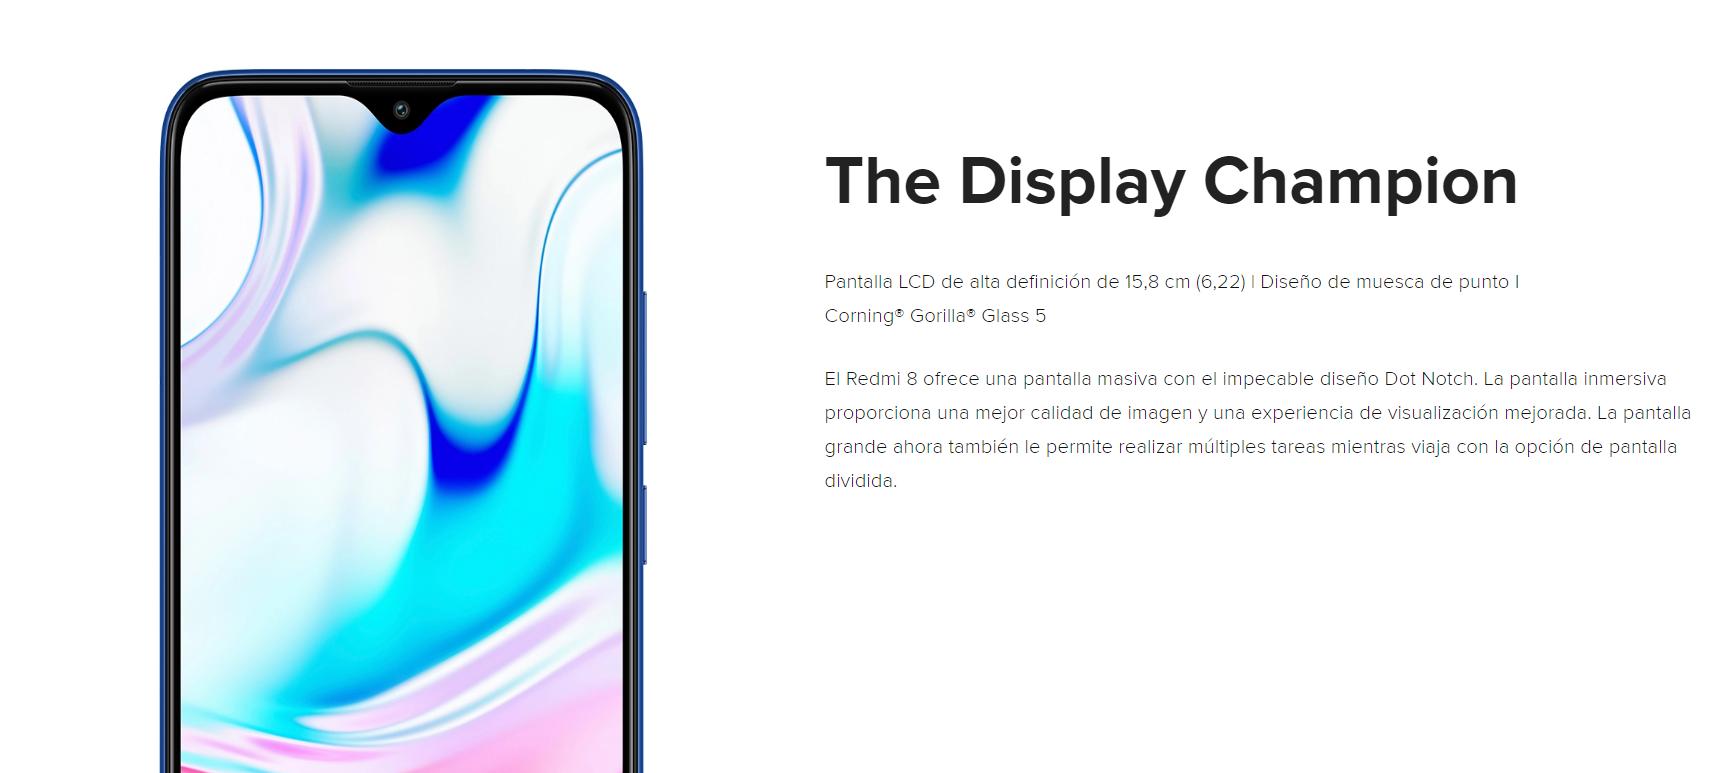 Nuevo Redmi 8, características, especificaciones, precio y fecha de lanzamiento. Noticias Xiaomi Adictos